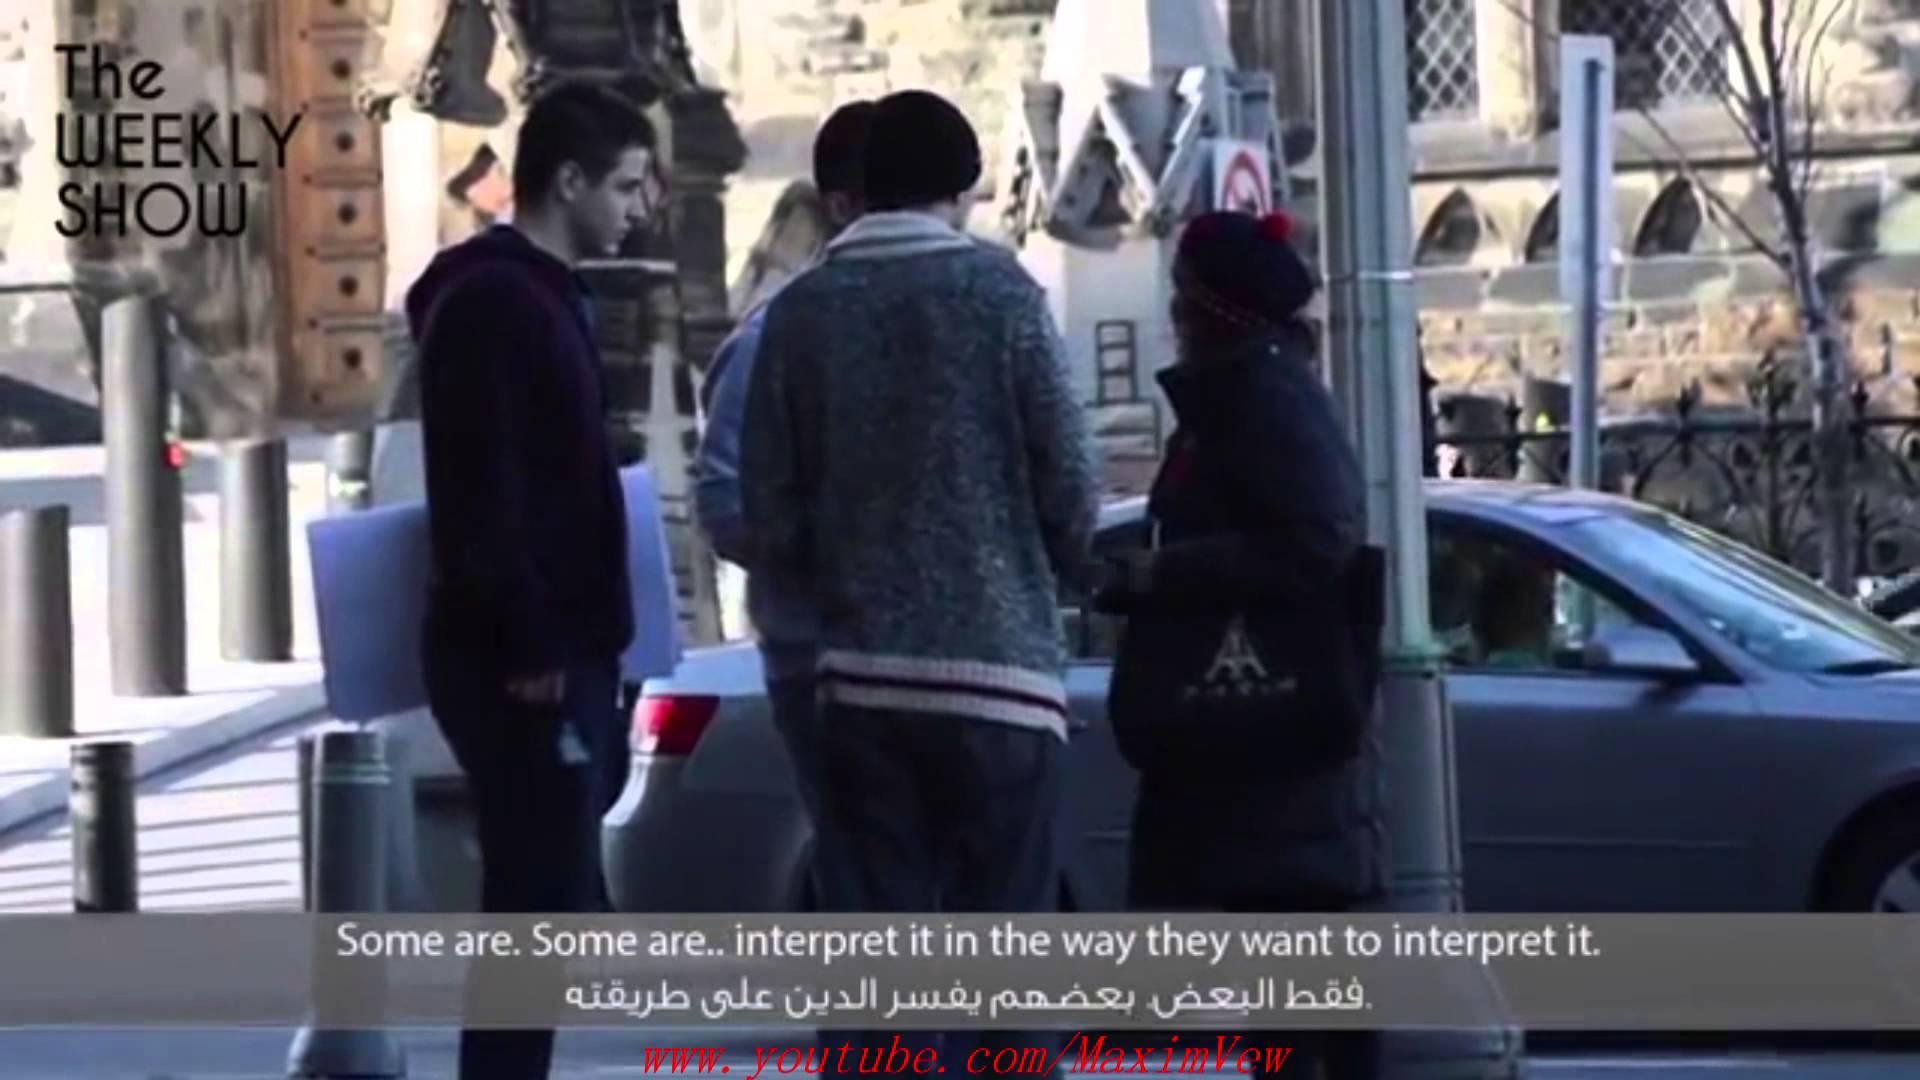 رد فعل الكنديين بعد رفع شعارات معادية للإسلام